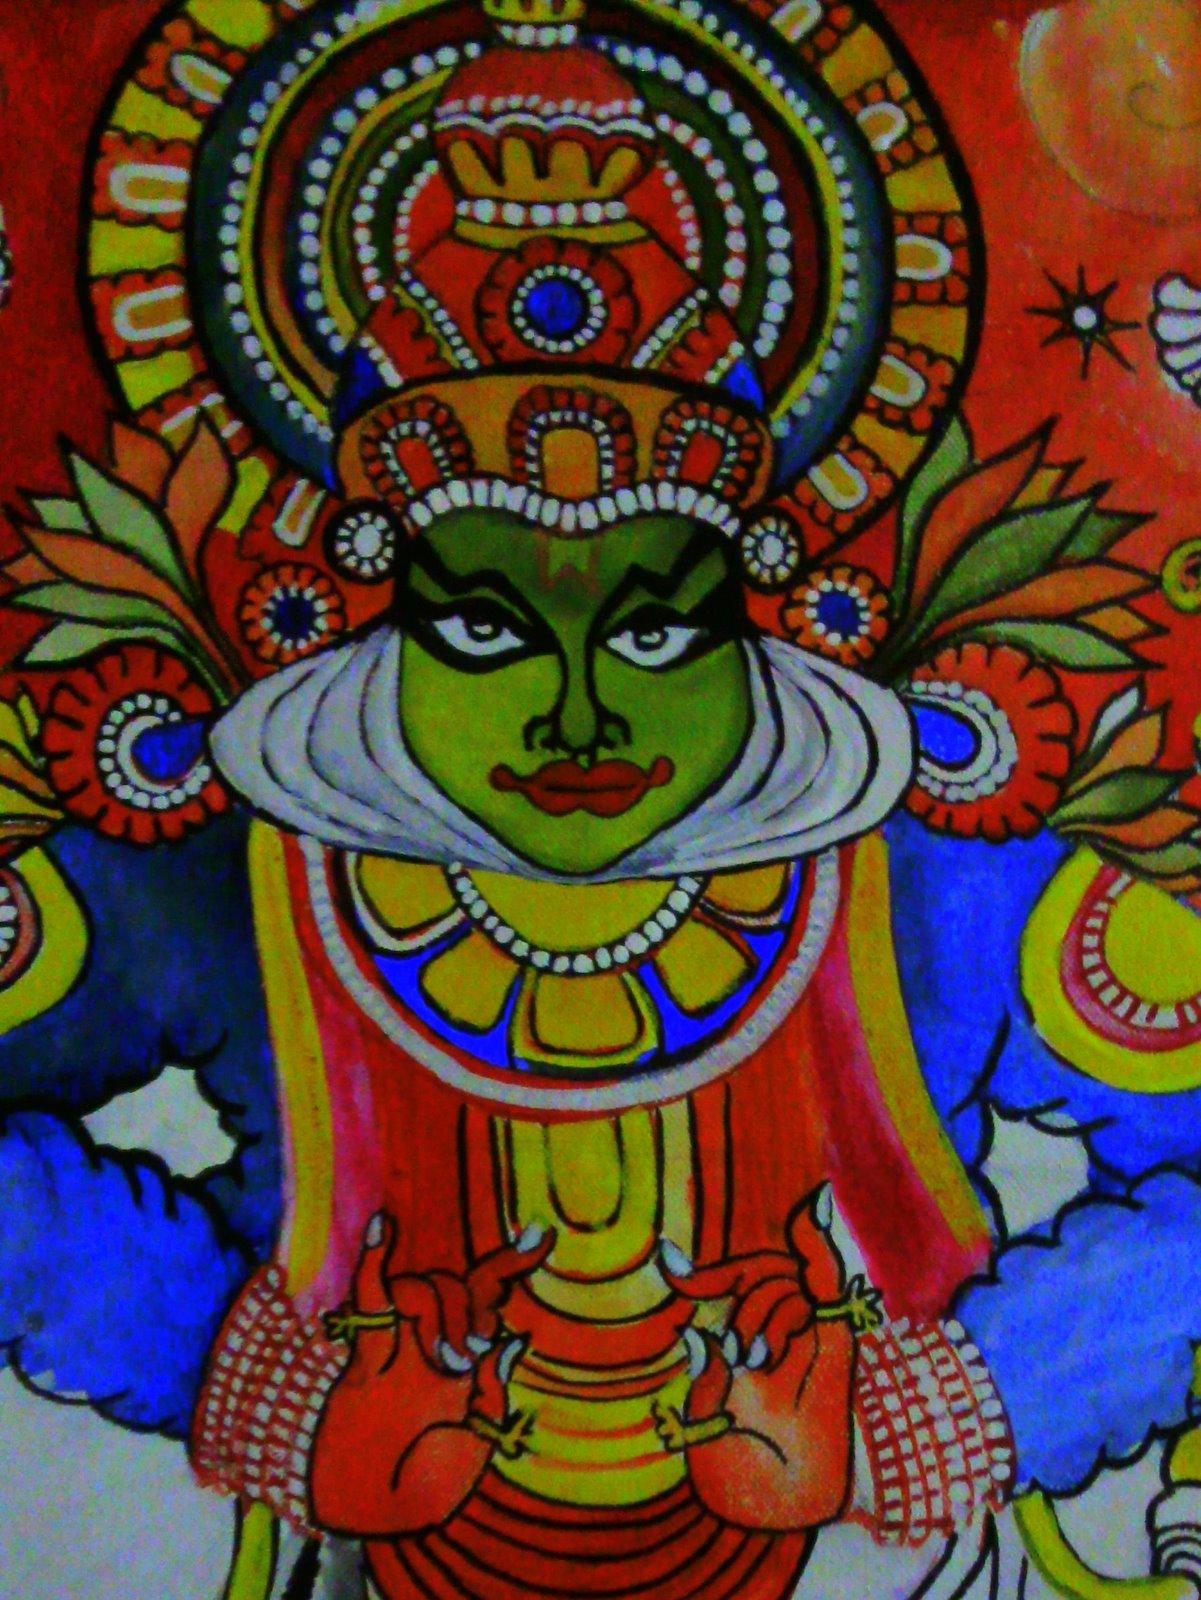 Kerala Style Carpenter Works And Designs September 2013: Varnaalaya: Kathakali Paintings